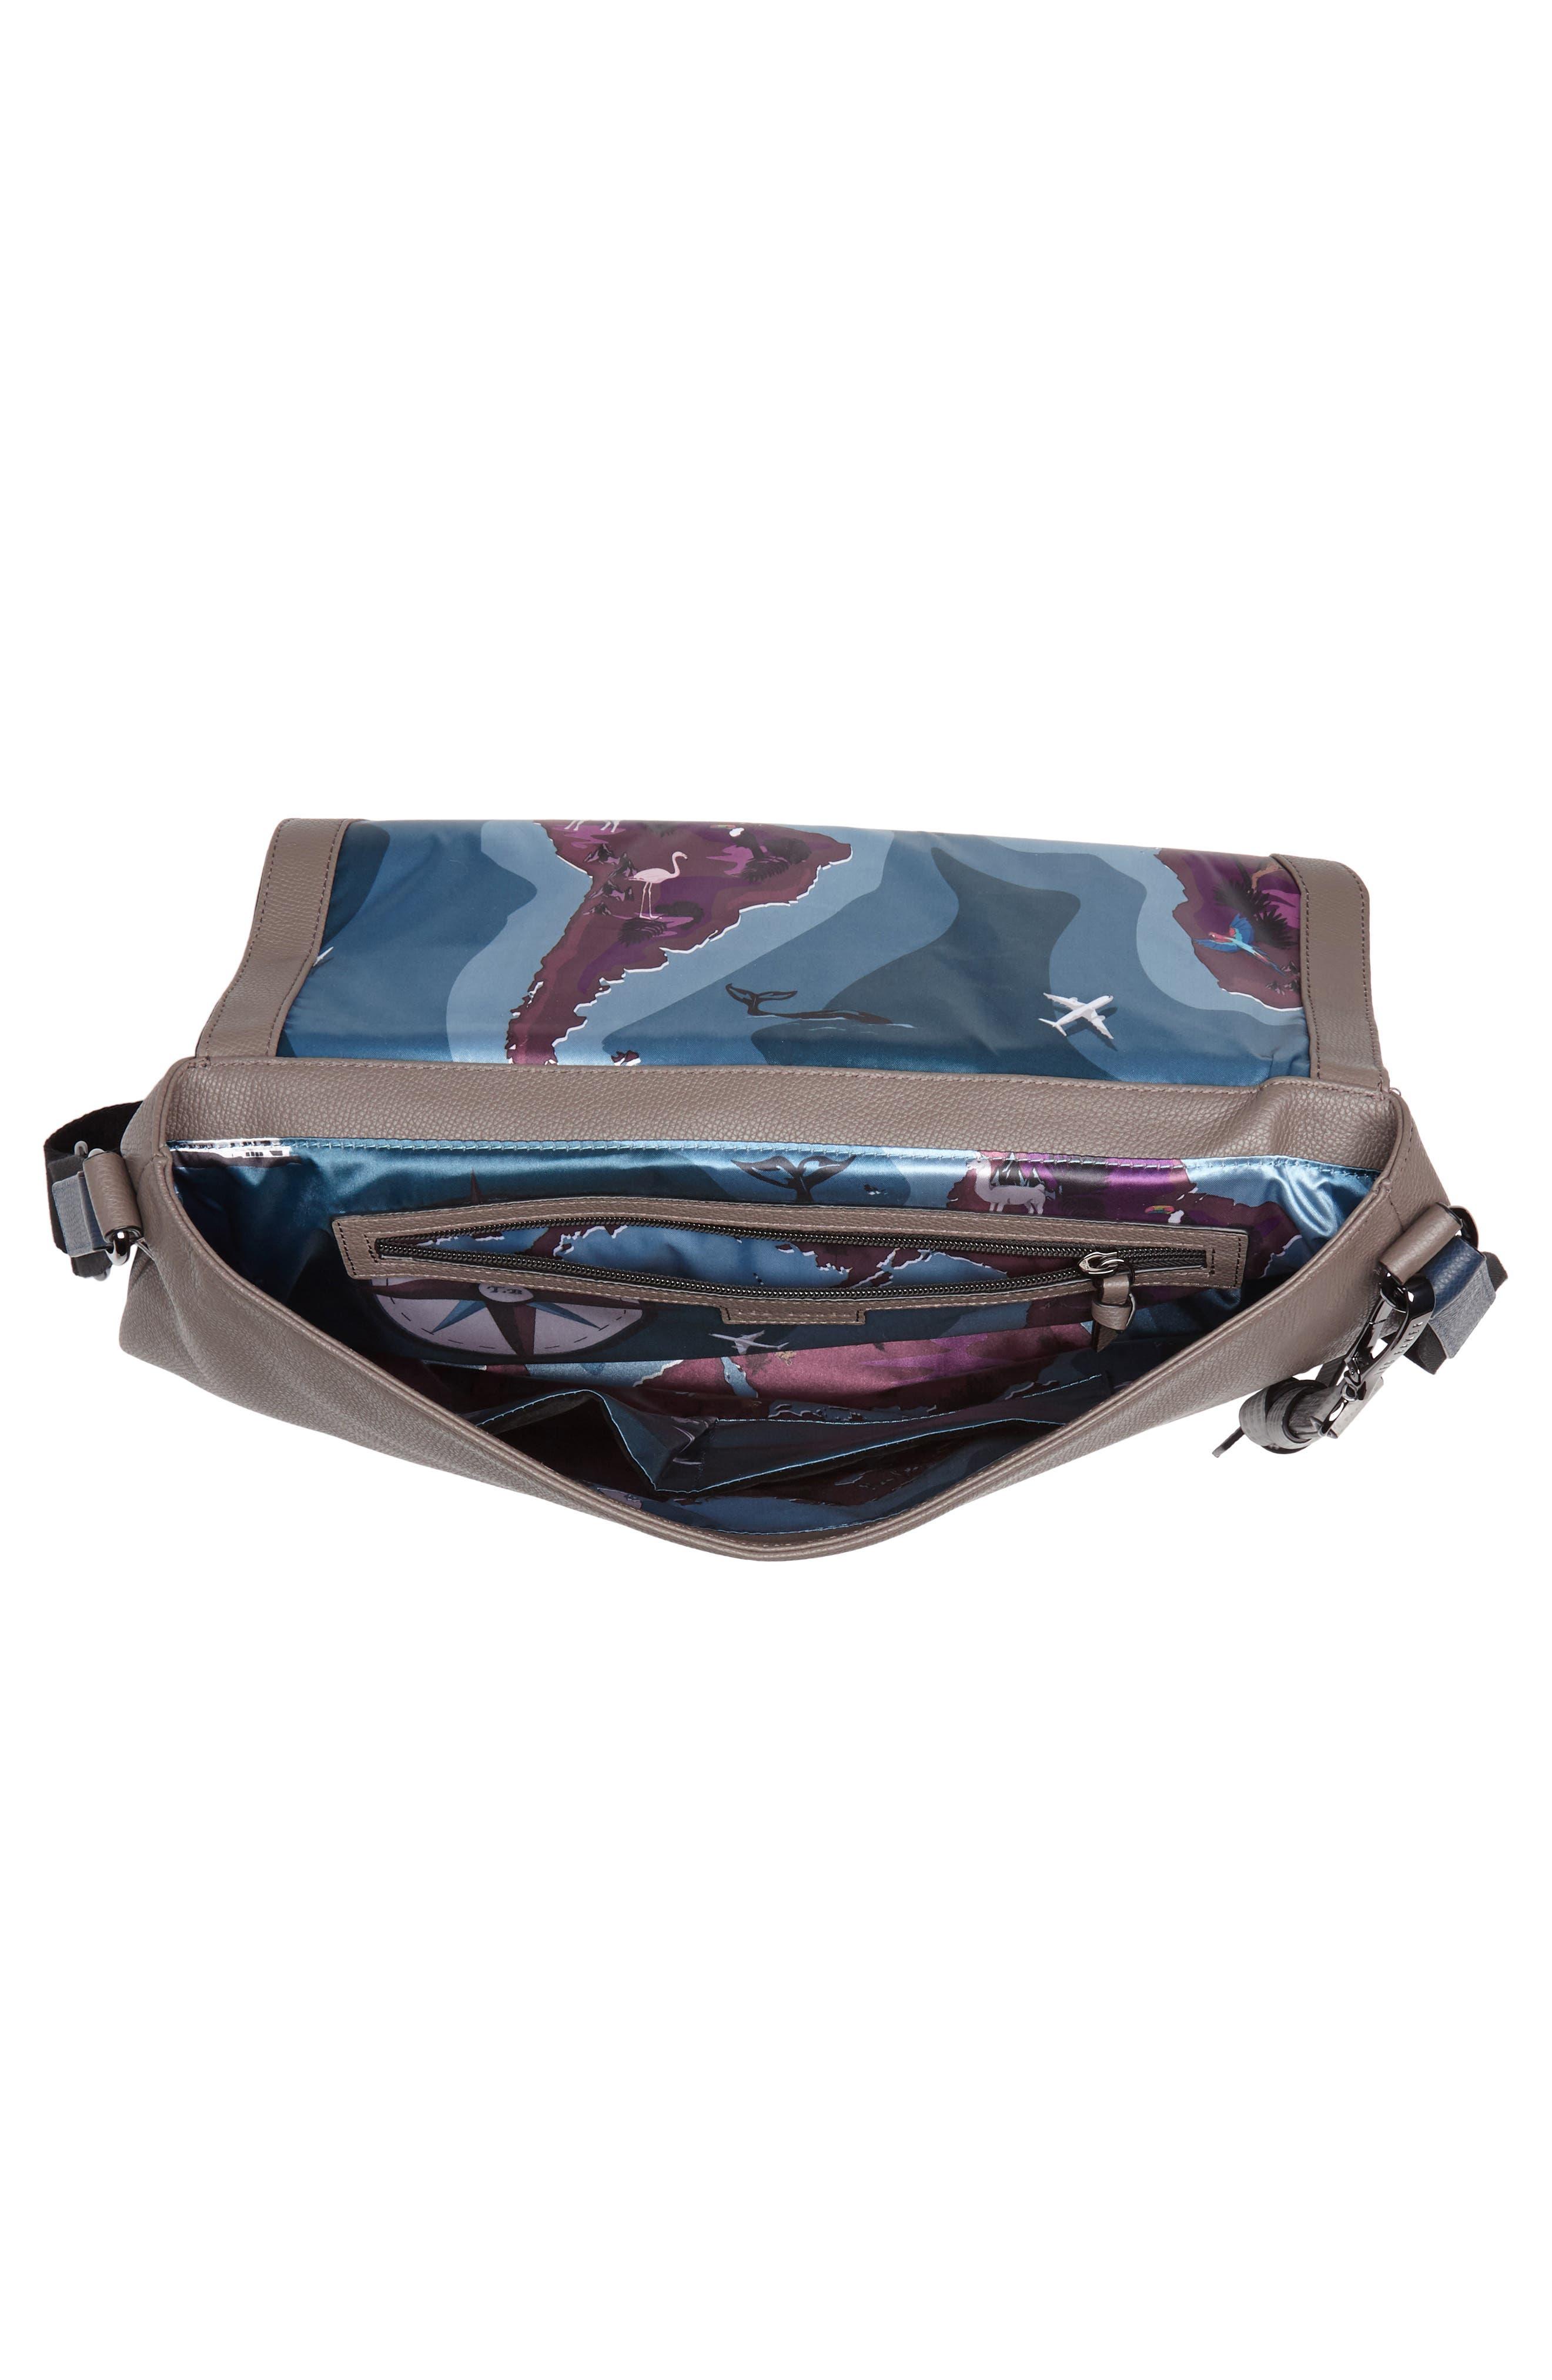 Ted Baker Sandune Leather Messenger Bag,                             Alternate thumbnail 3, color,                             Grey